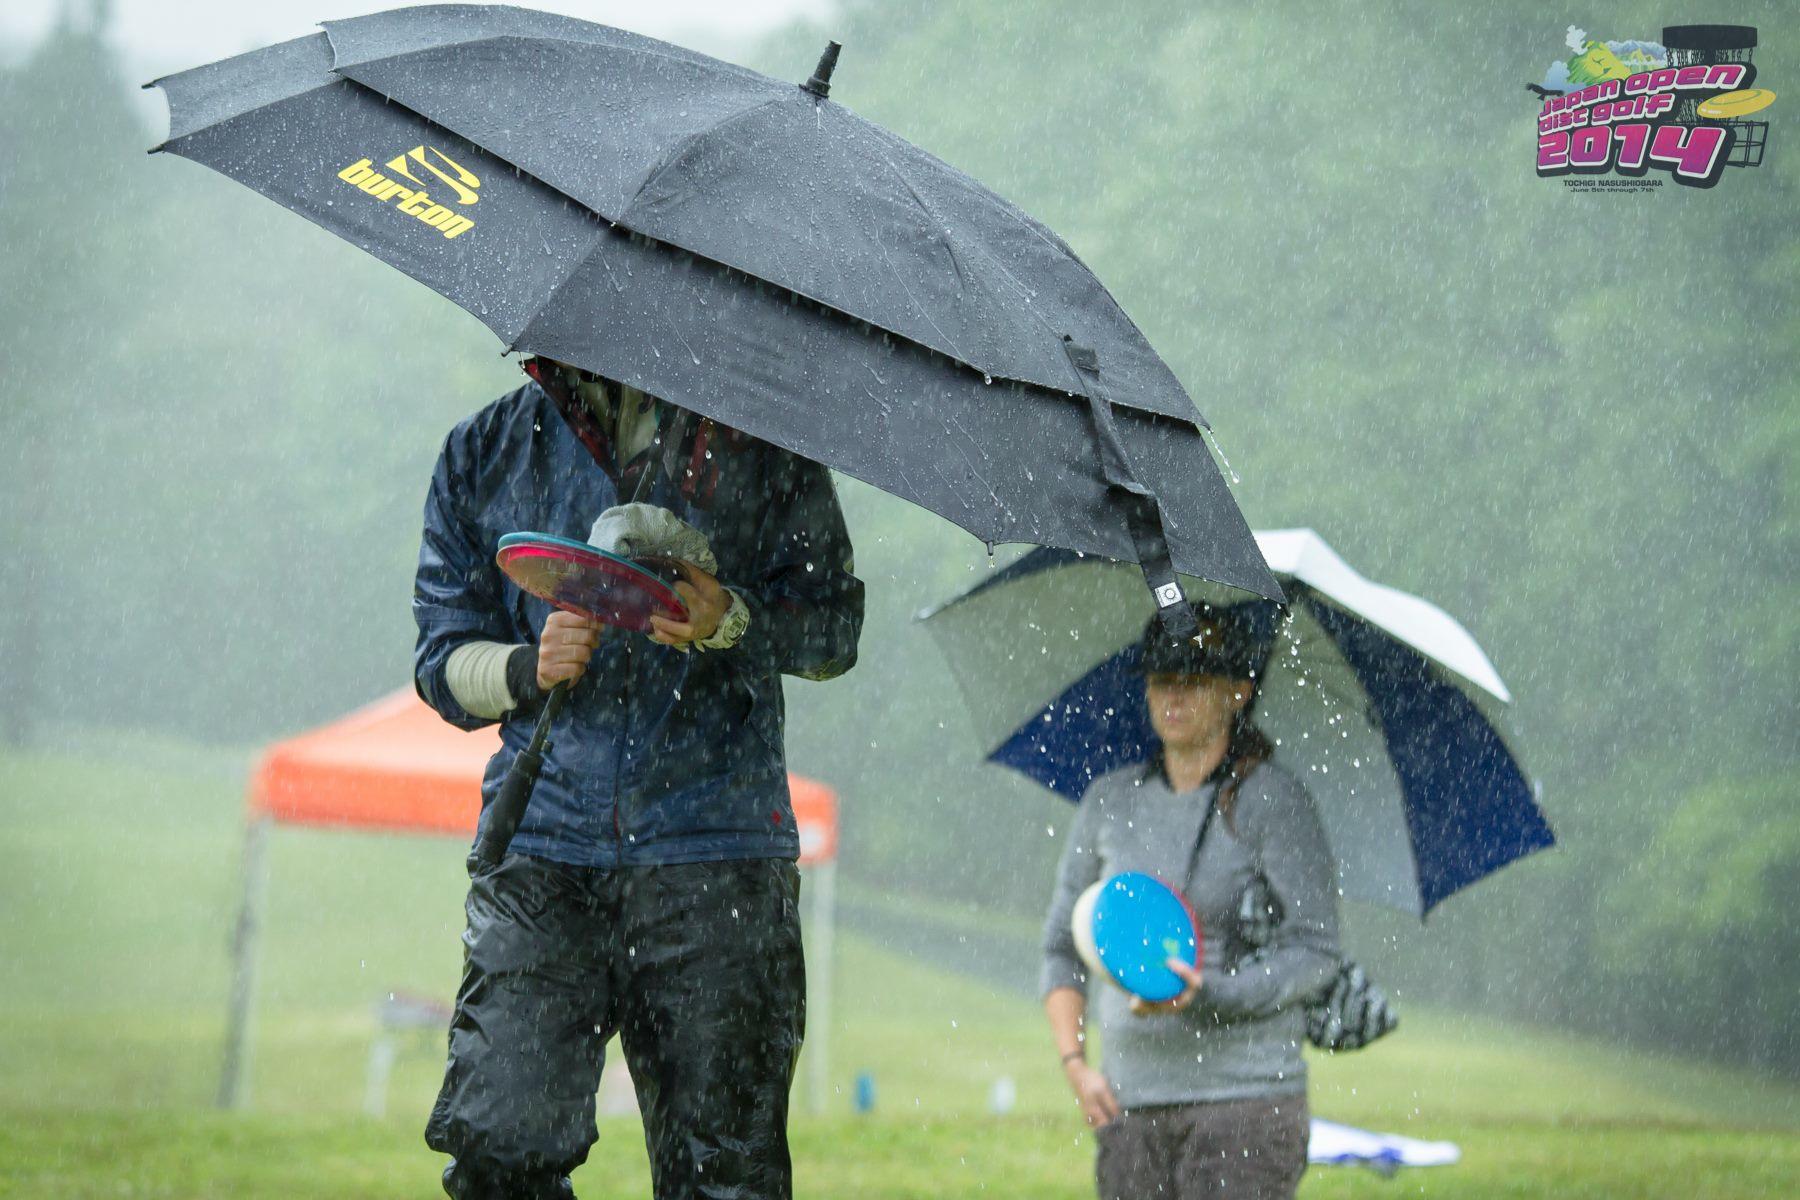 Perjantaina tuli vettä kuin aisaa. Kuva: Janne Lahtinen / Japan Open Disc Golf